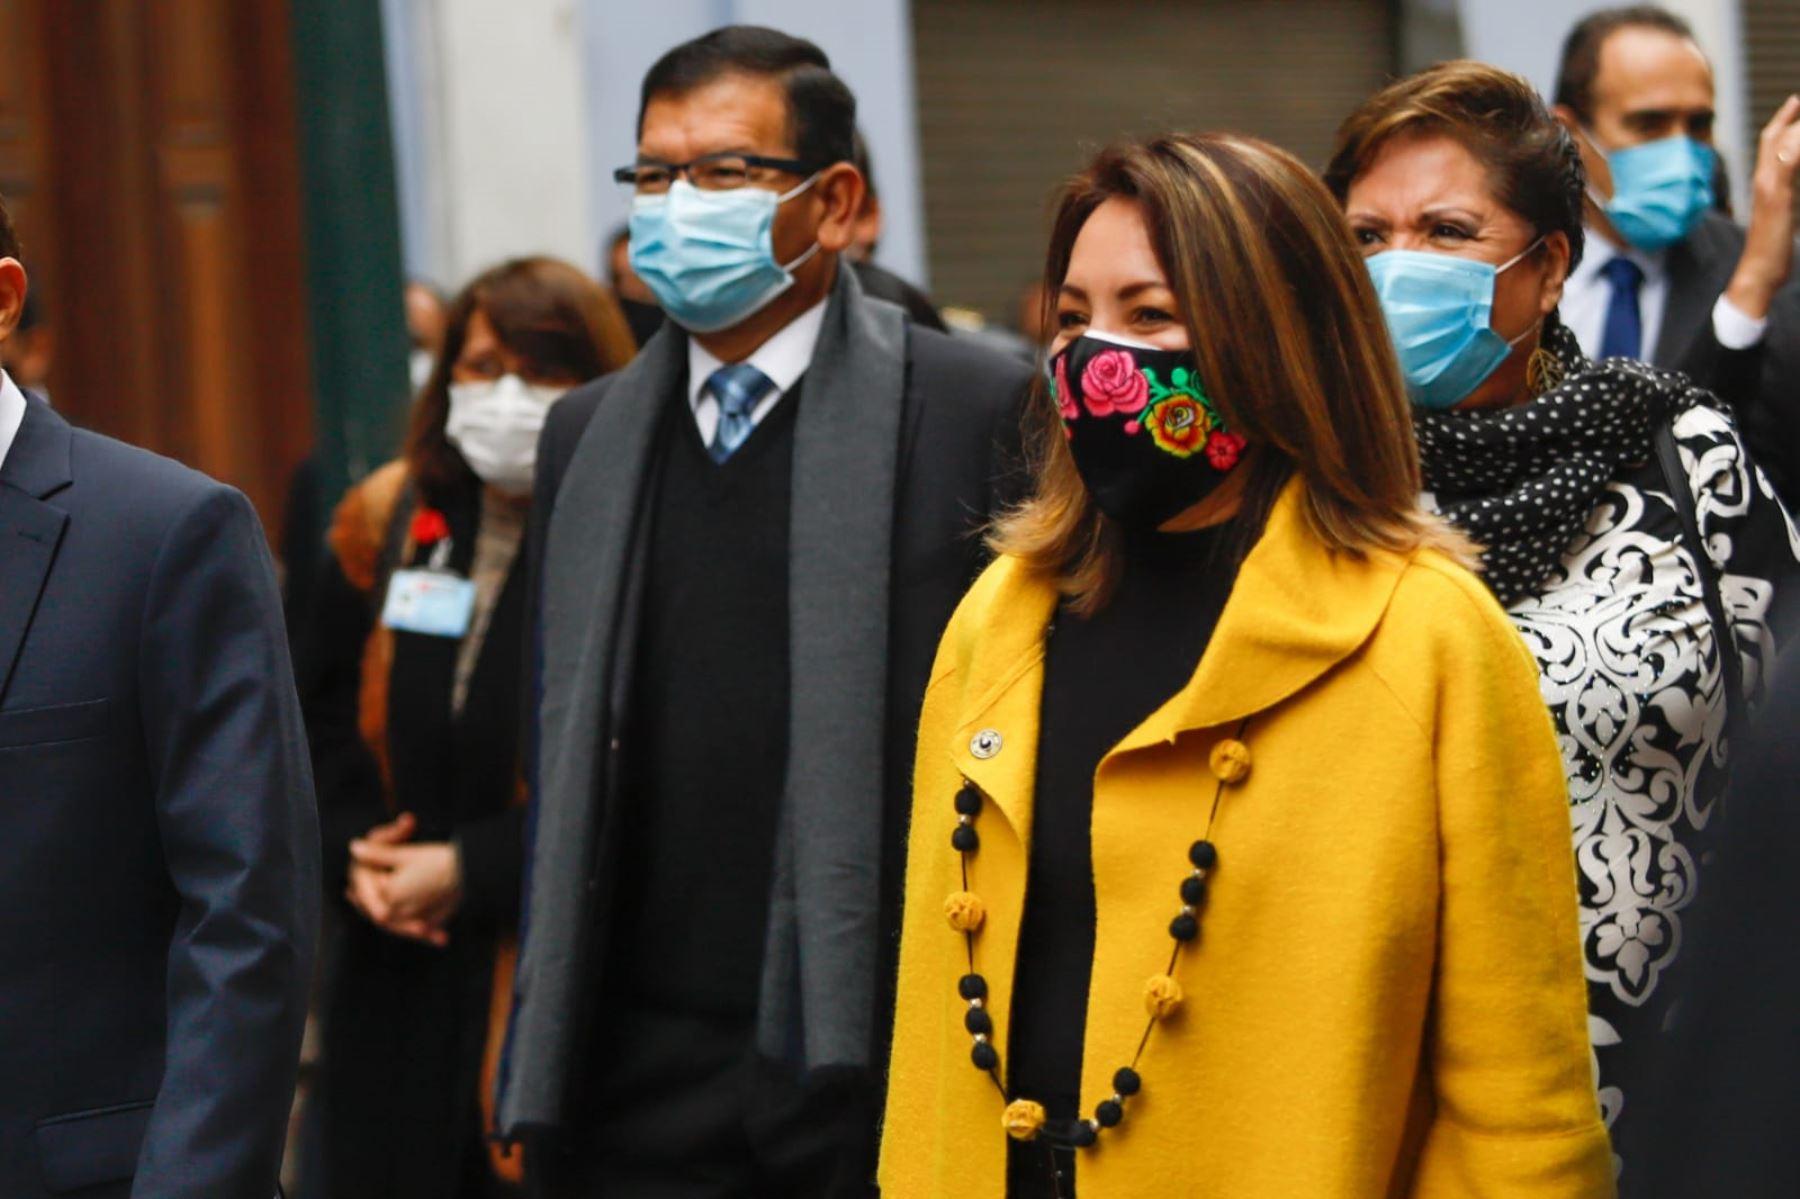 Ministra de Comercio Exterior y Turismo, Rocío Barrios, se dirige a la sede del Congreso junto al gabinete ministerial para solicitar el voto de confianza. Foto: ANDINA/PCM